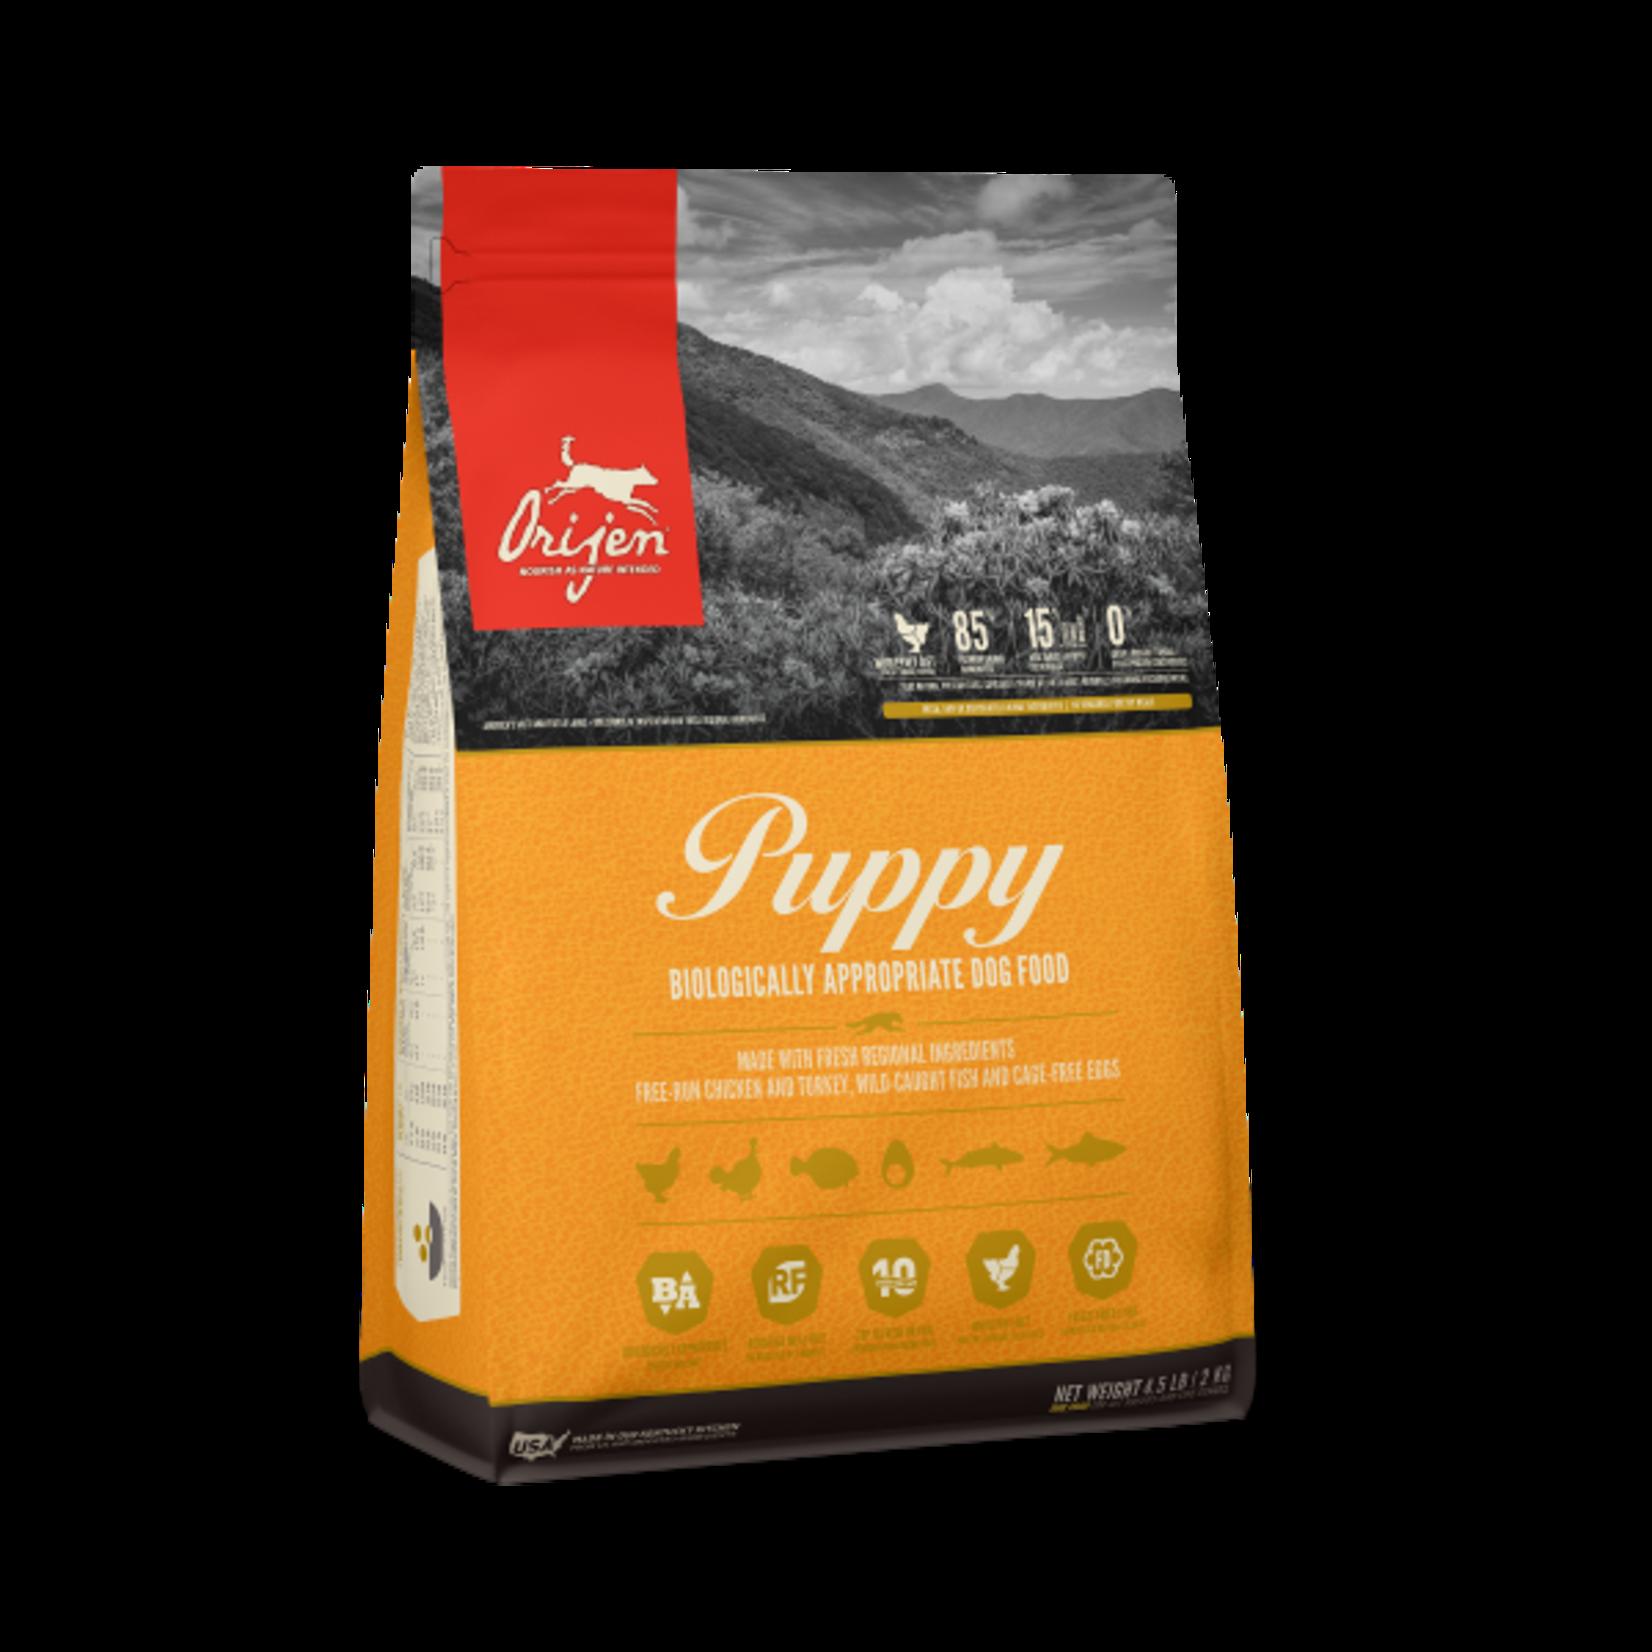 Champion Pet Foods Orijen Dog GF USA Puppy 4.5#